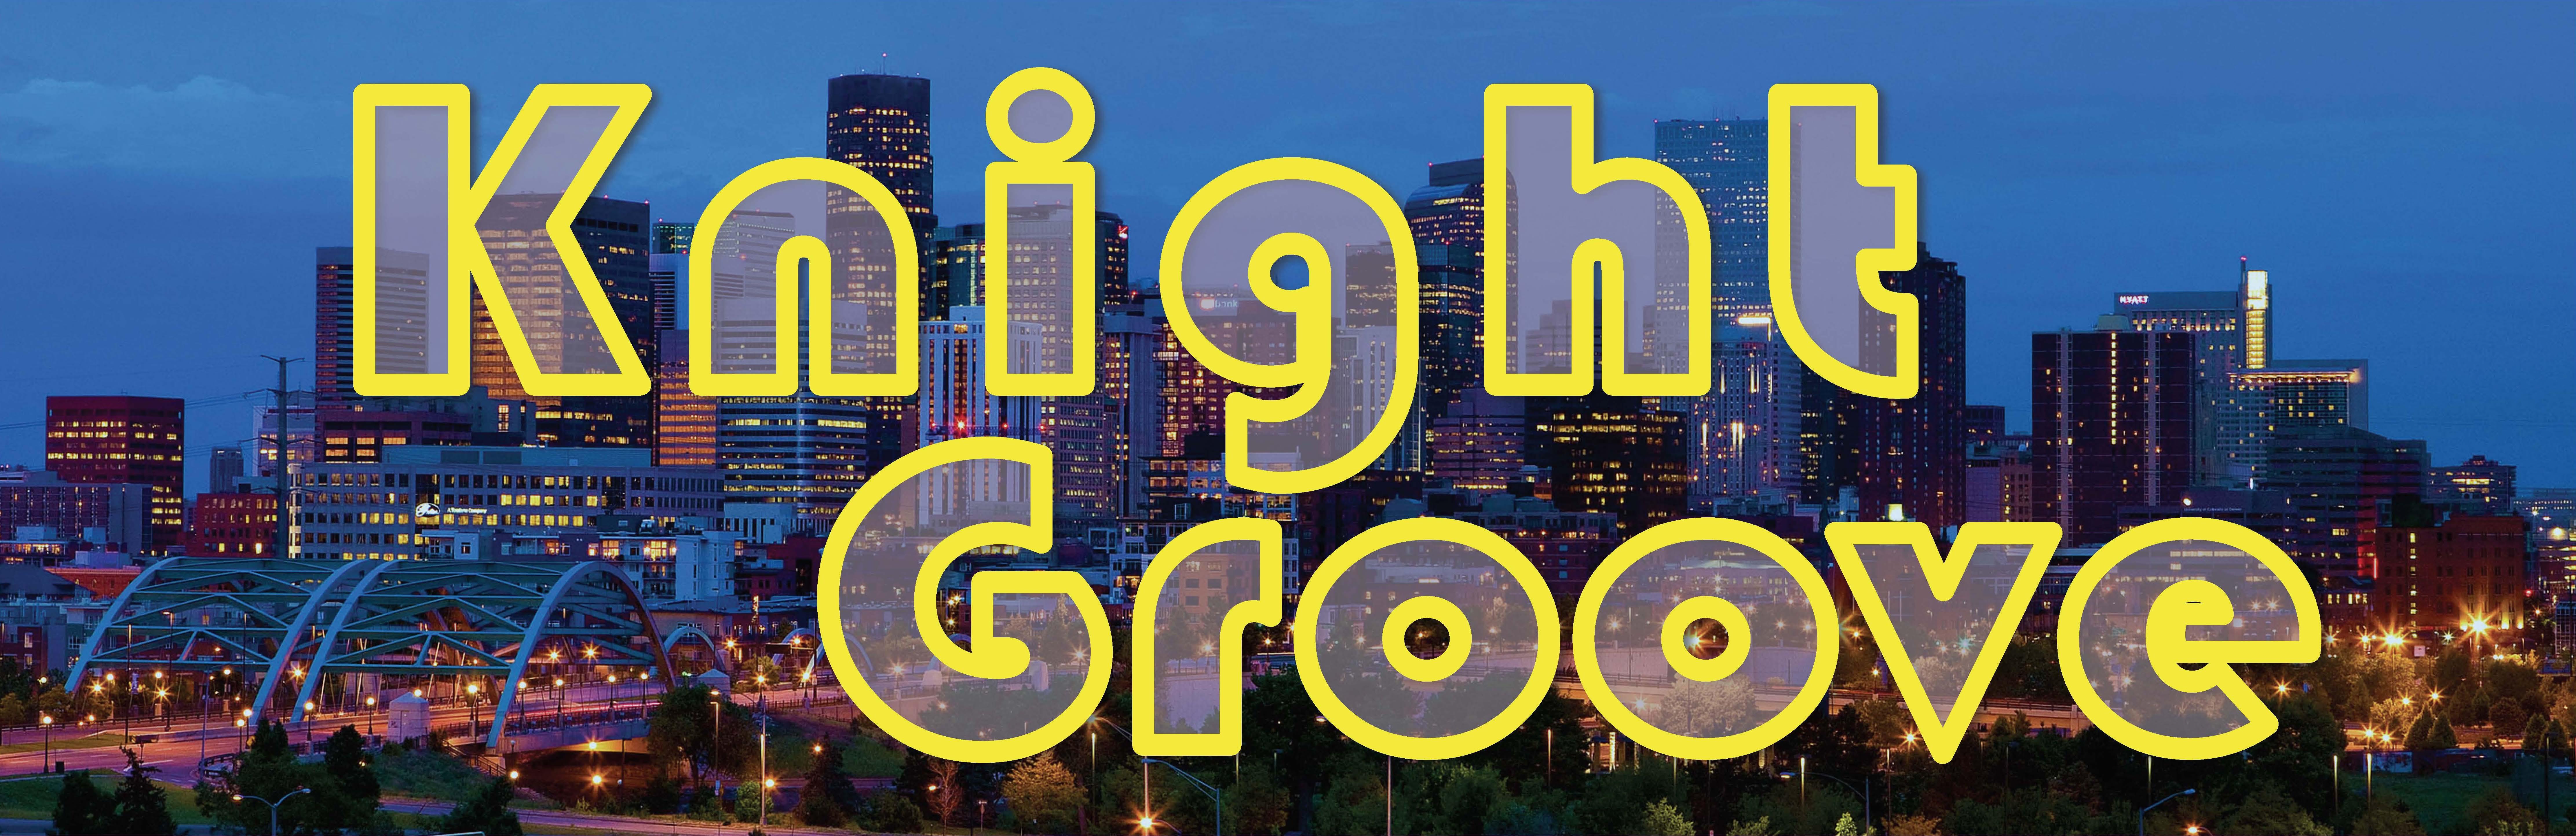 Knight Groove - Logo-Banner 1.jpg